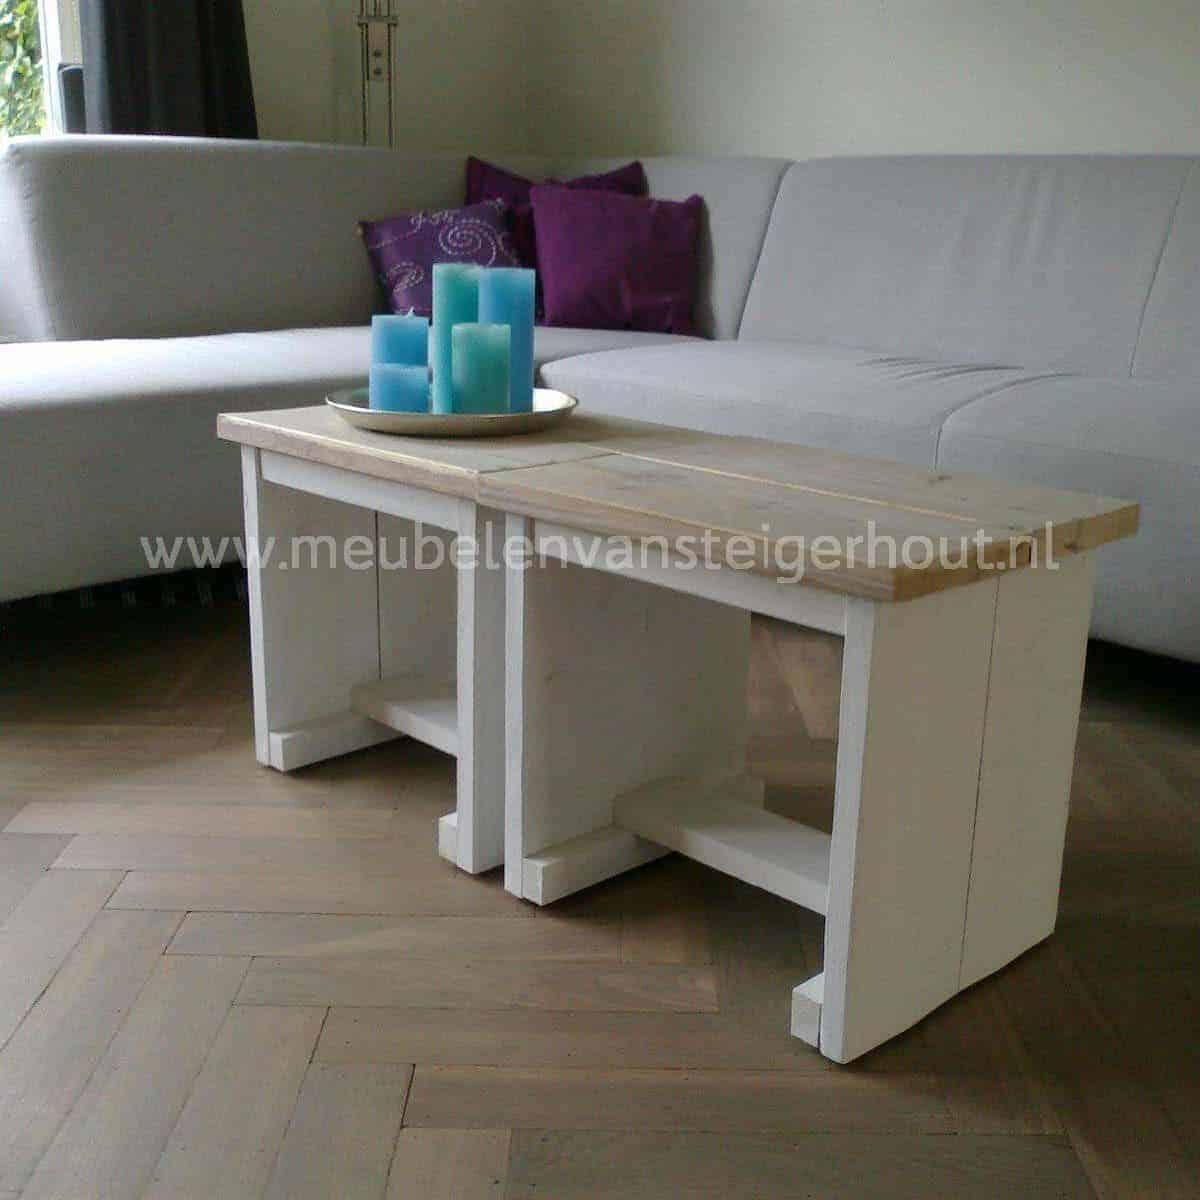 Salontafel tafel 6 meubelen van steigerhout for Bijzettafel steigerhout